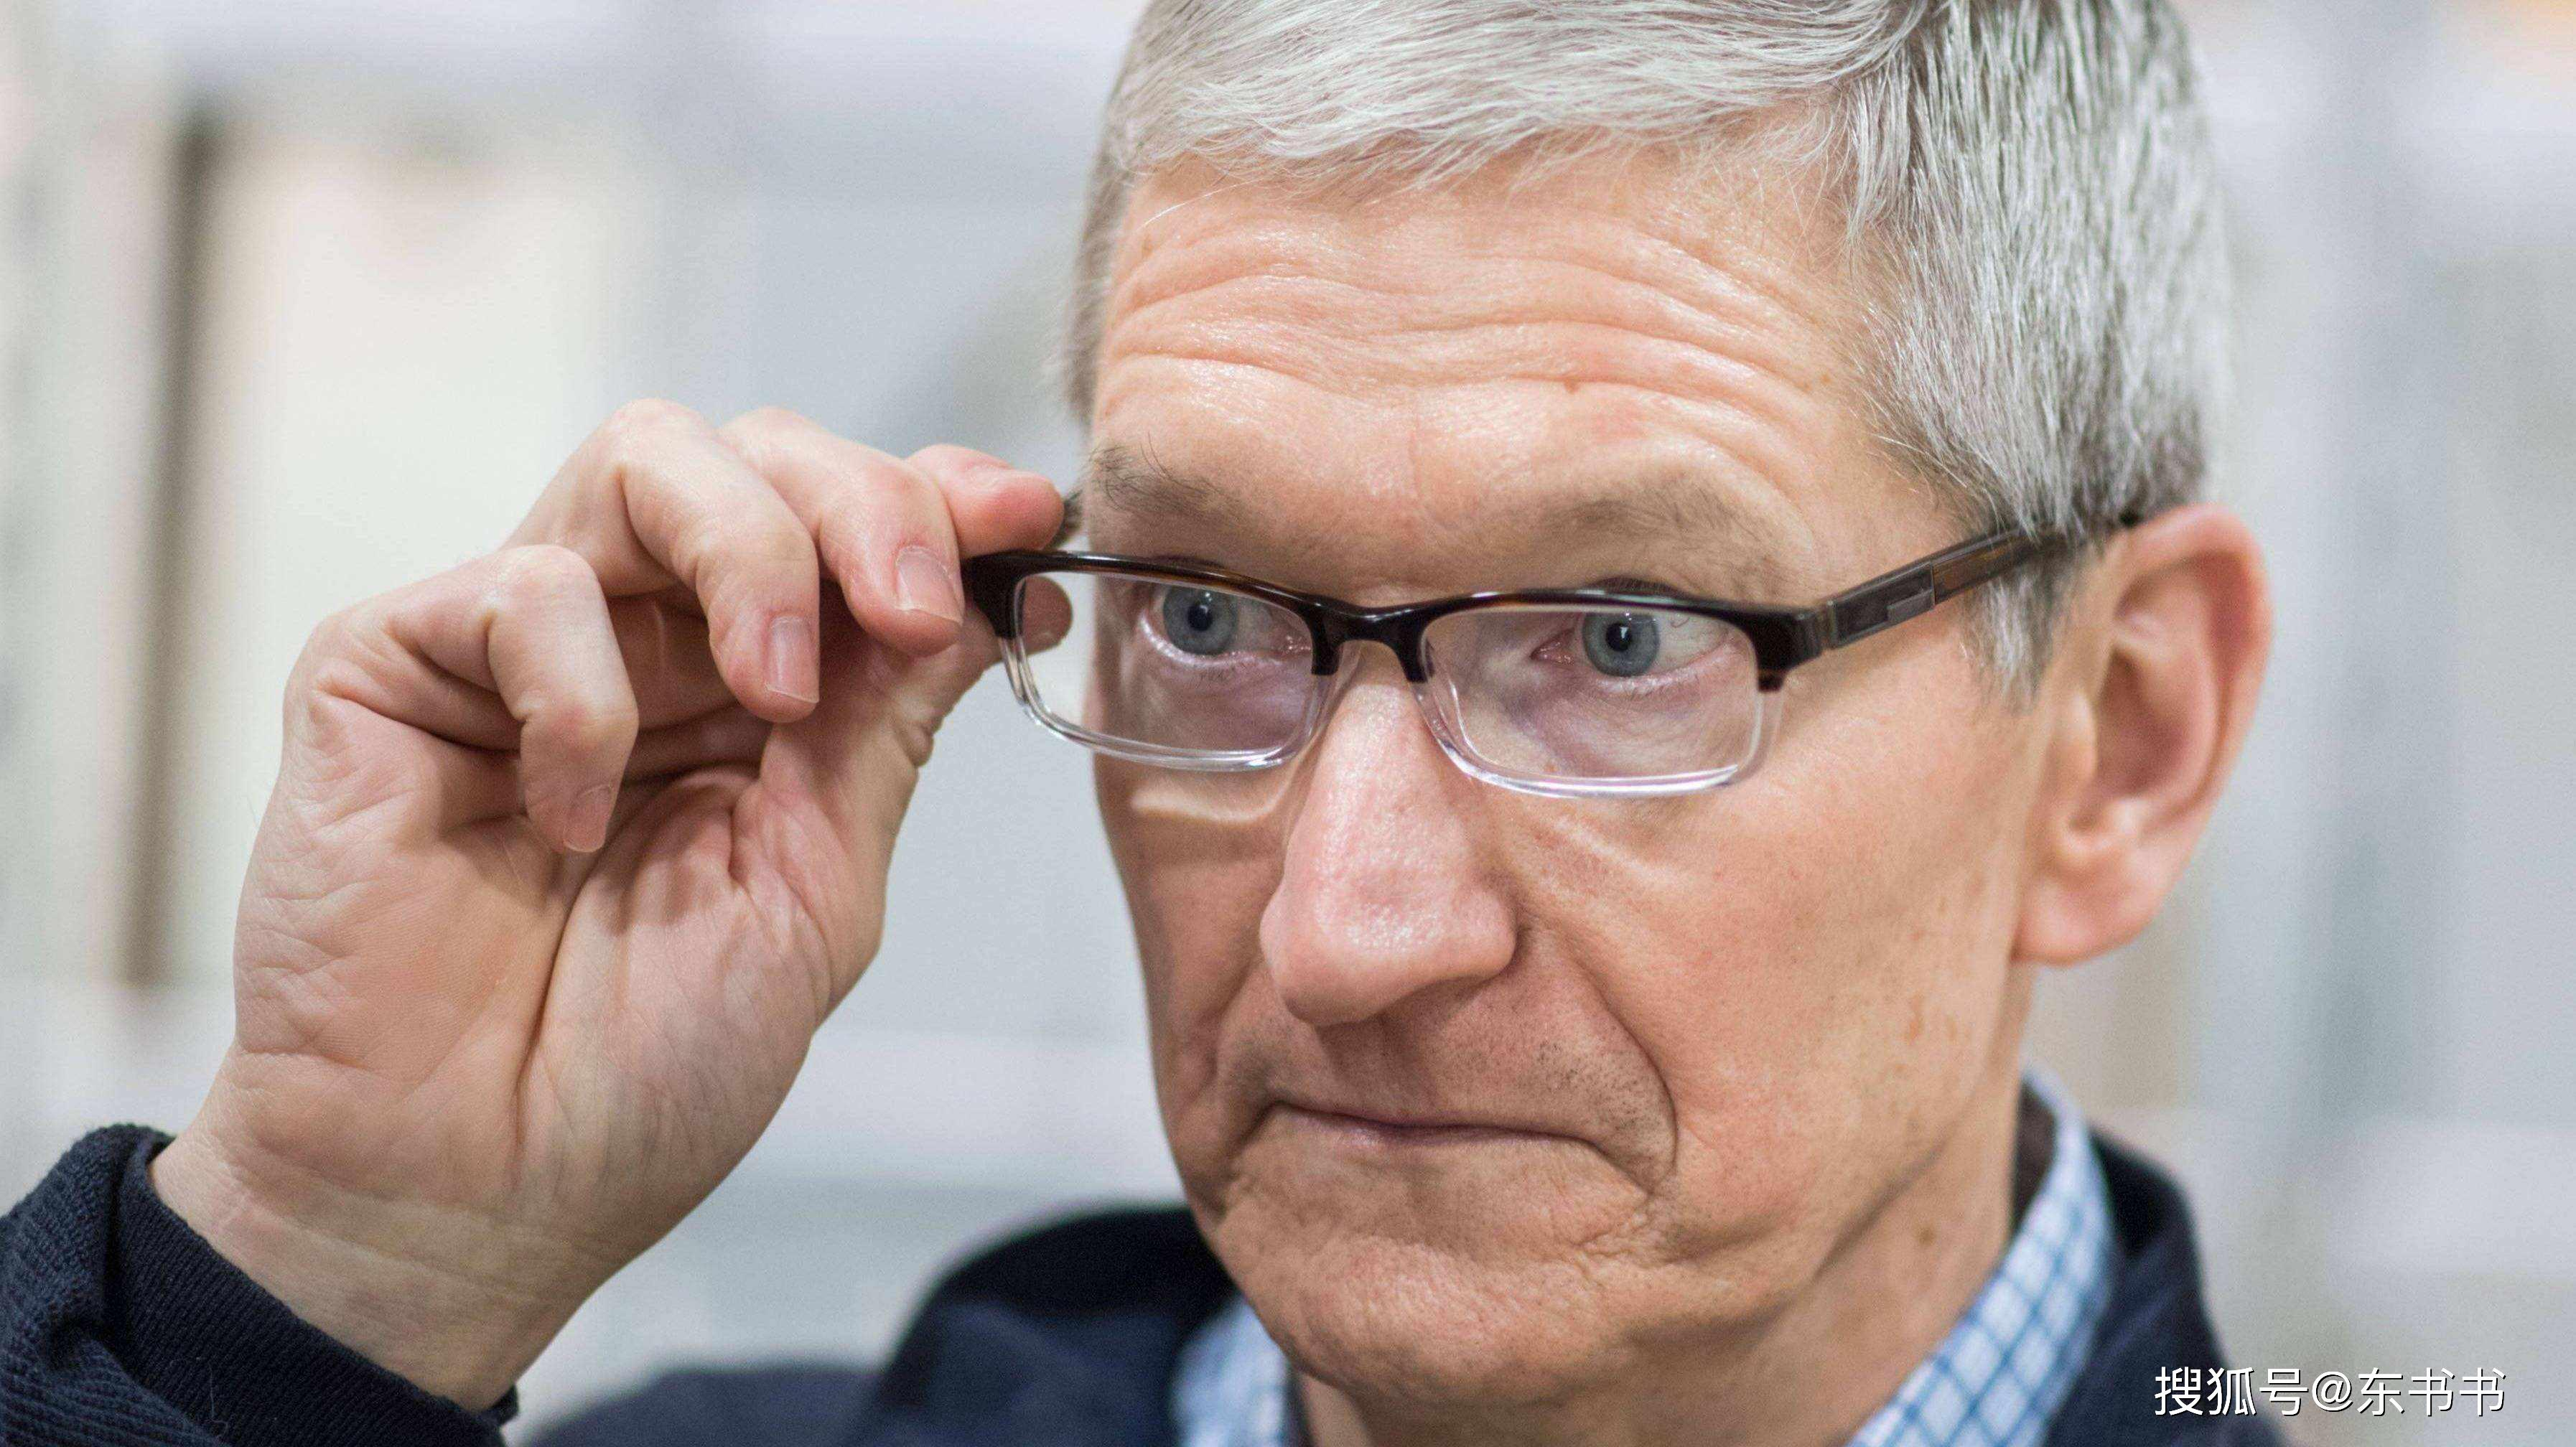 库克的秘密计划:苹果公司正在研发卫星技术,他的野心已经被暴露